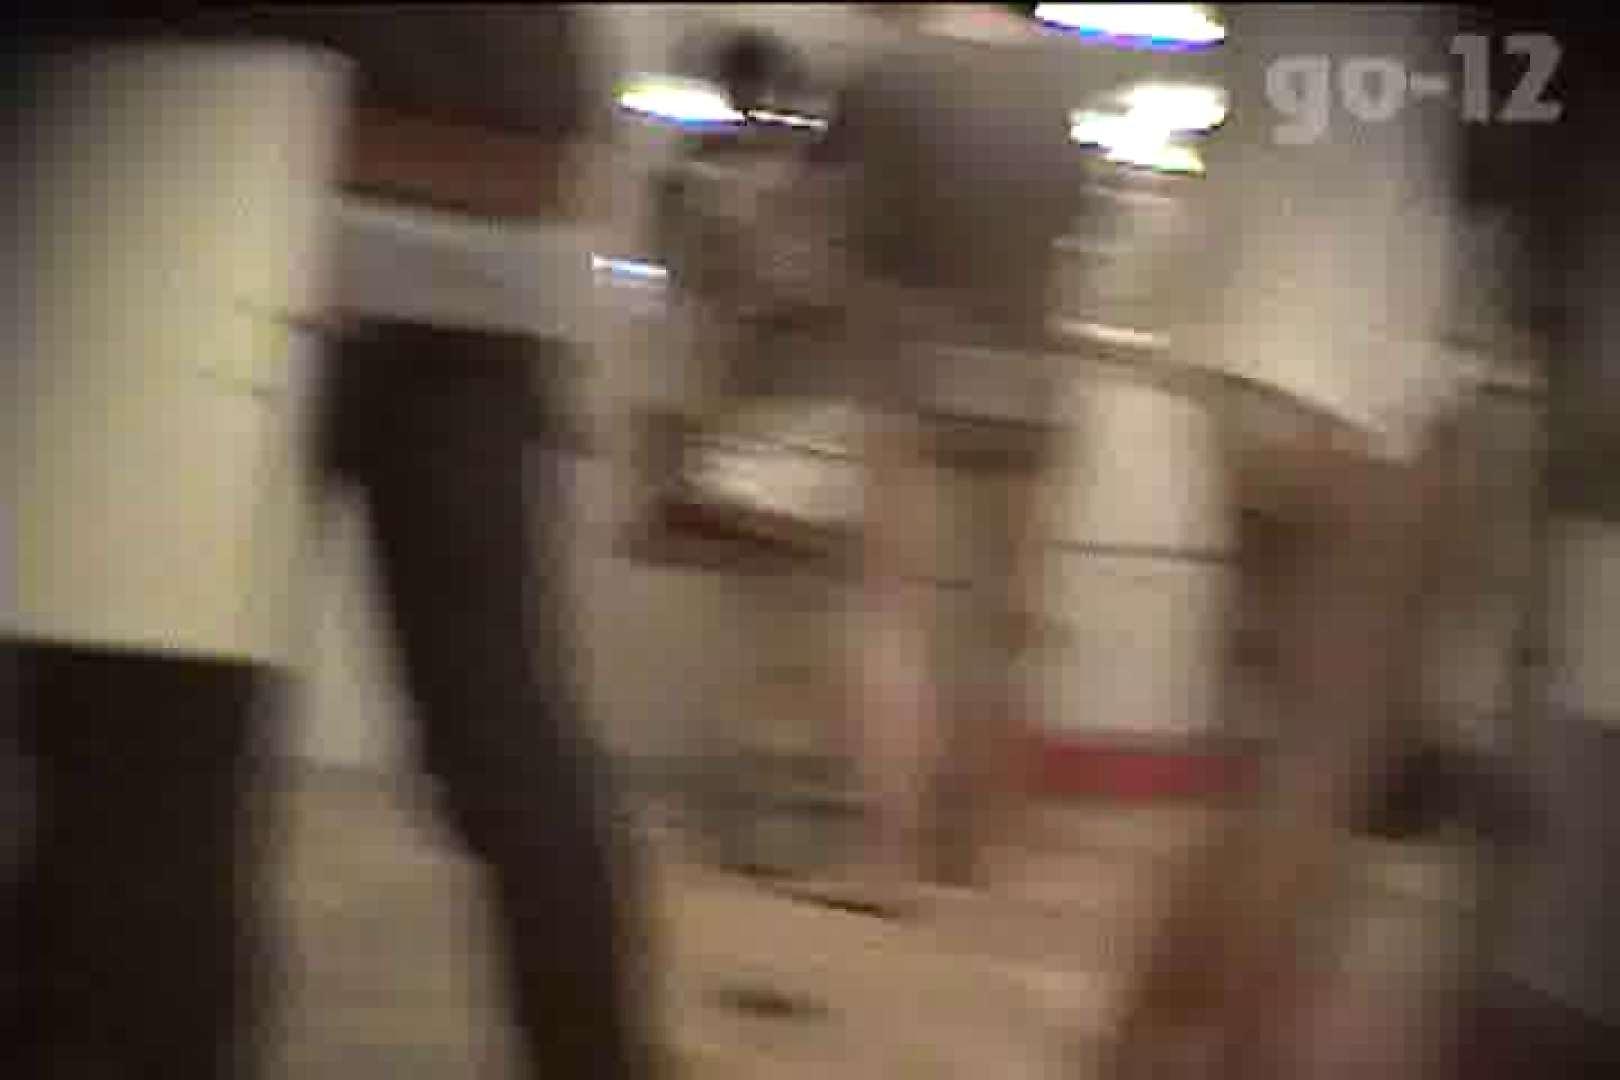 電波カメラ設置浴場からの防HAN映像 Vol.12 チラ見せ オマンコ無修正動画無料 82PIX 62